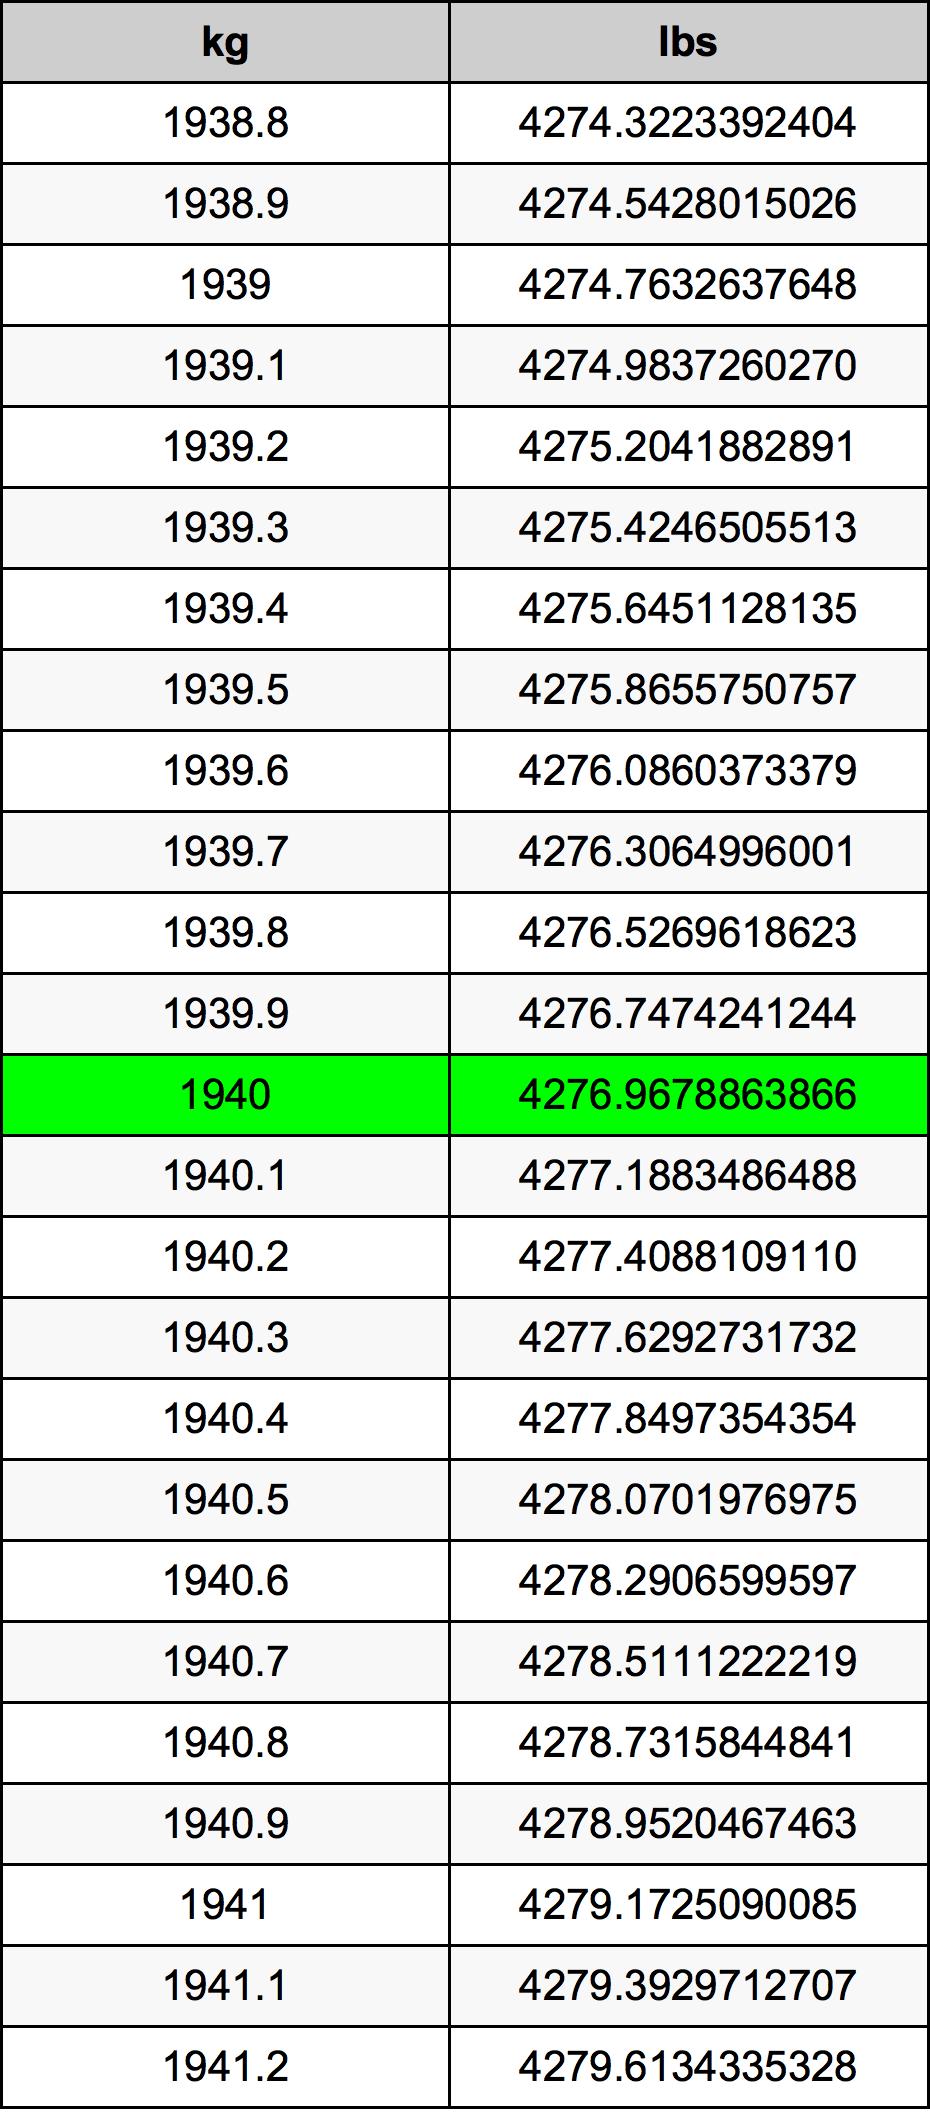 1940 Kilogram Table